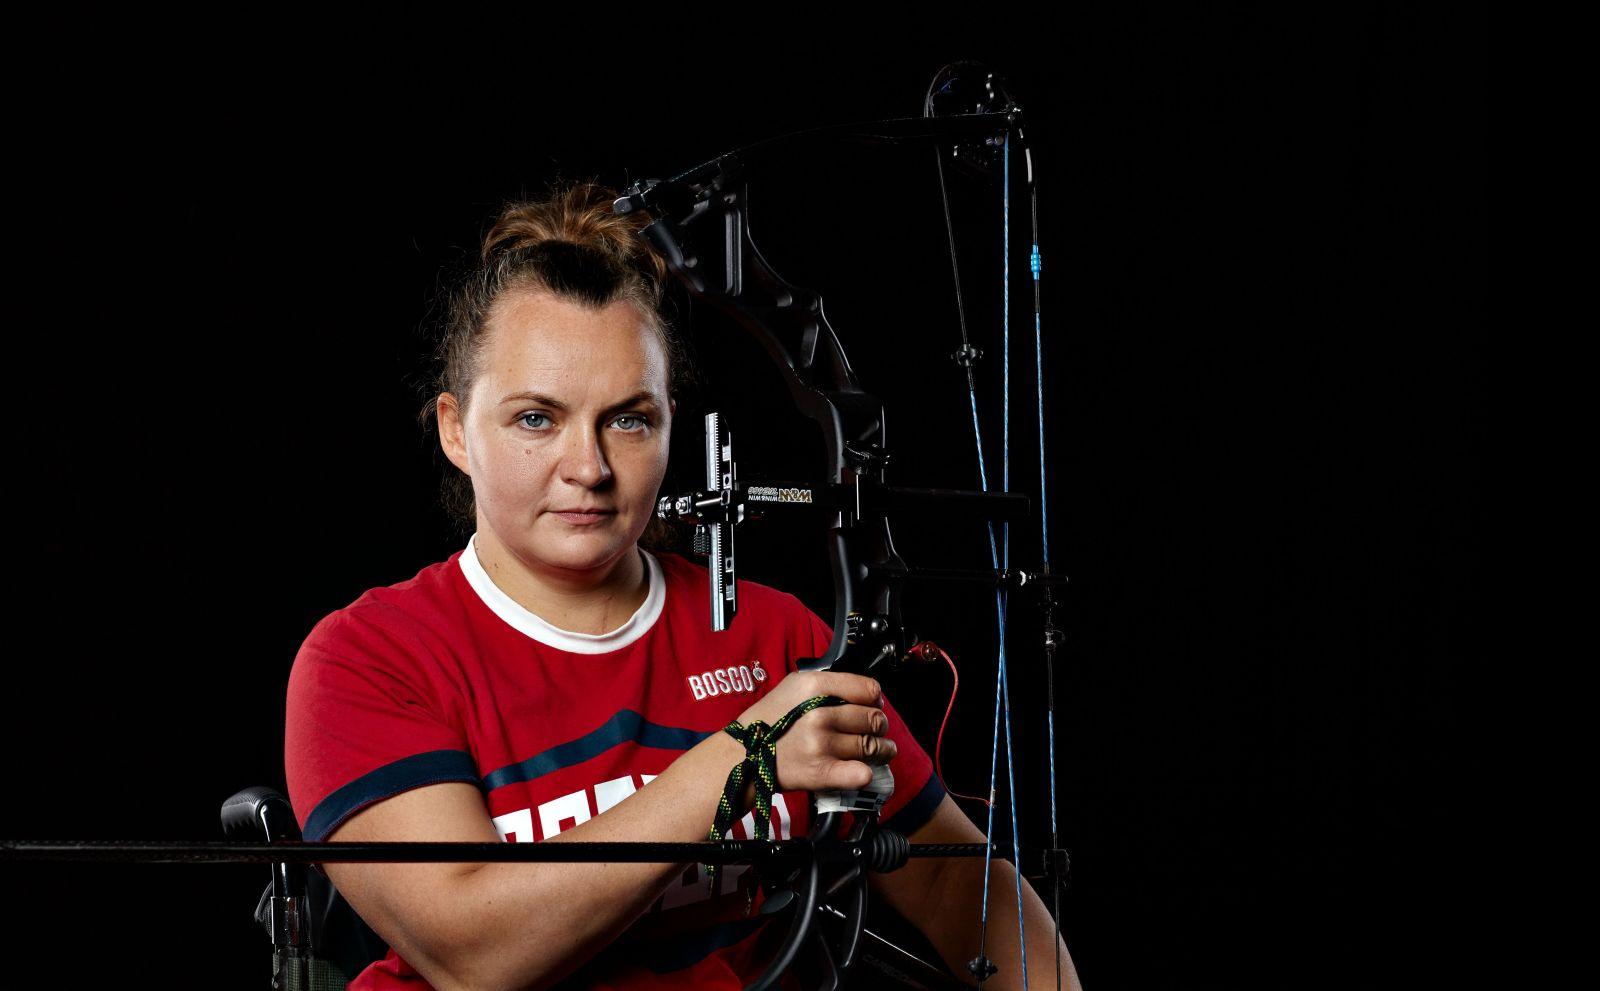 Подмосковная лучница Елена Крутова номинирована на звание спортсменки года Международной федерации стрельбы из лука